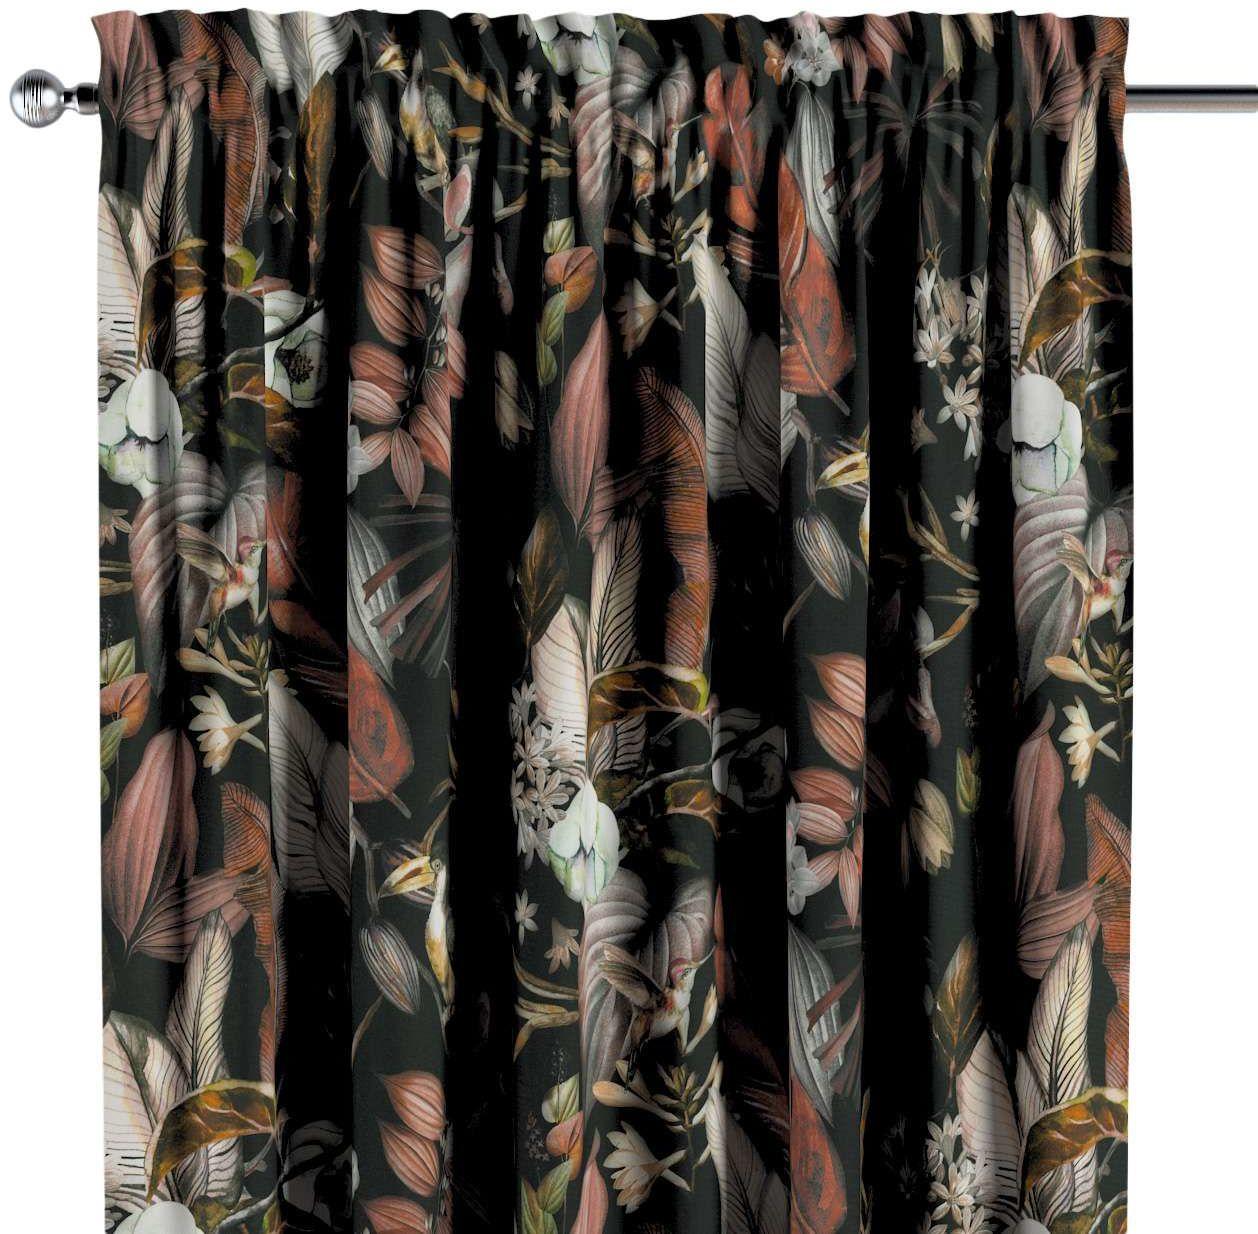 Zasłona na kanale z grzywką 1 szt., kolorowe kwiaty na czarnym tle, 1szt 130  260 cm, Abigail